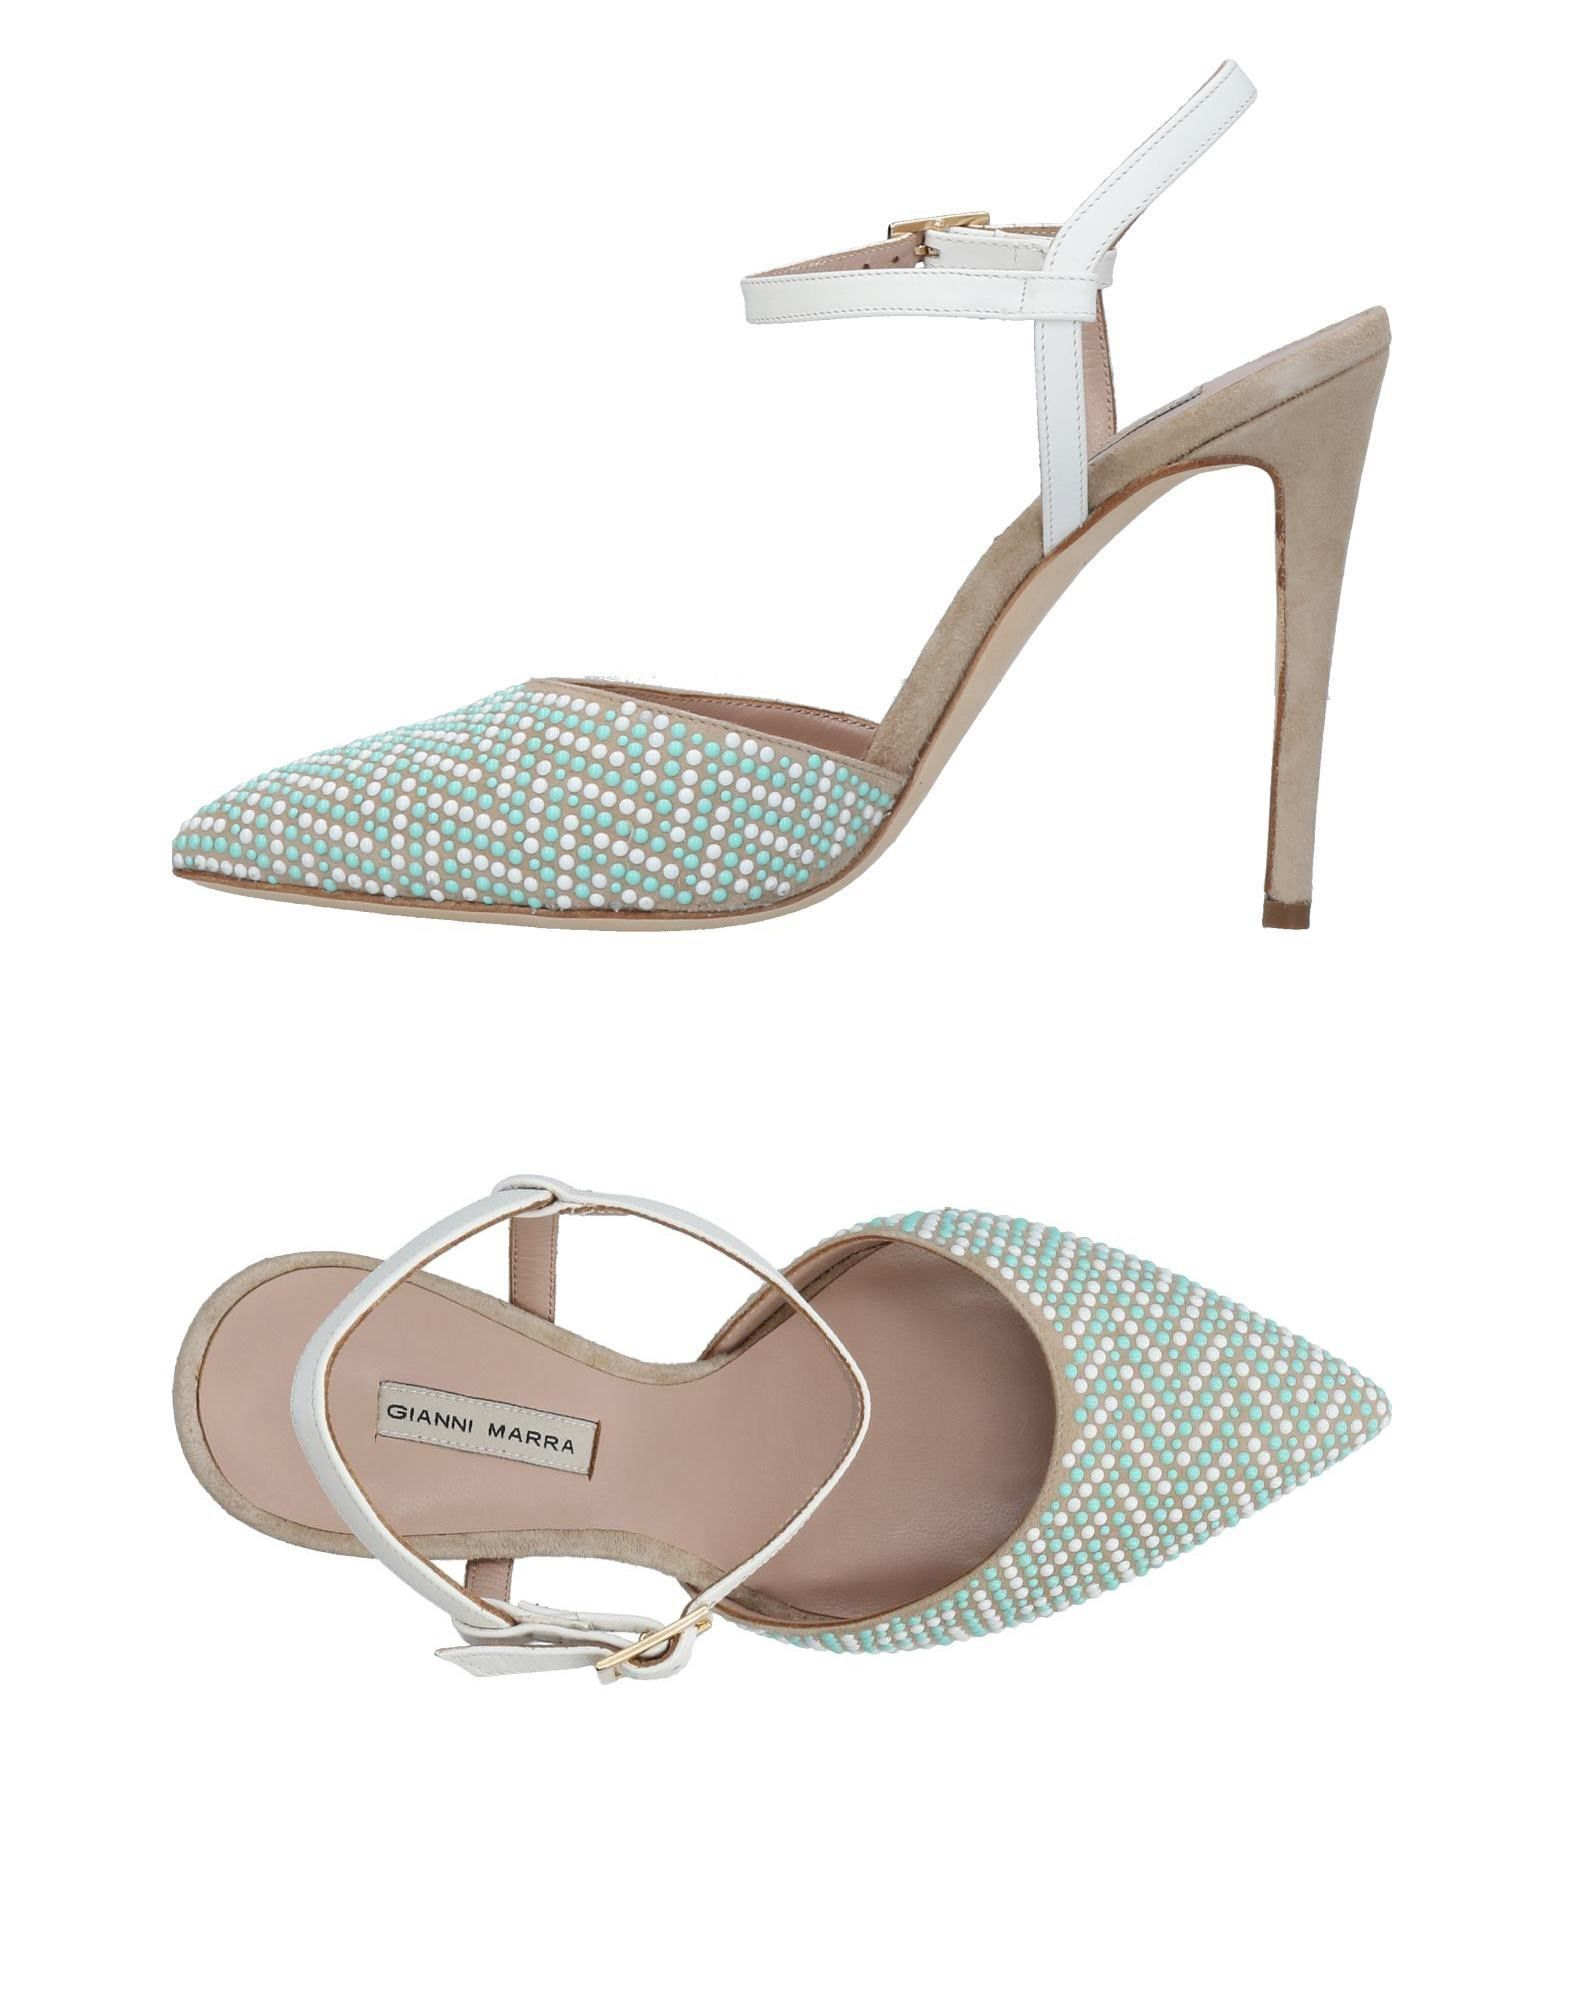 Gianni Marra Pumps Damen  11430359AH Gute Qualität beliebte Schuhe